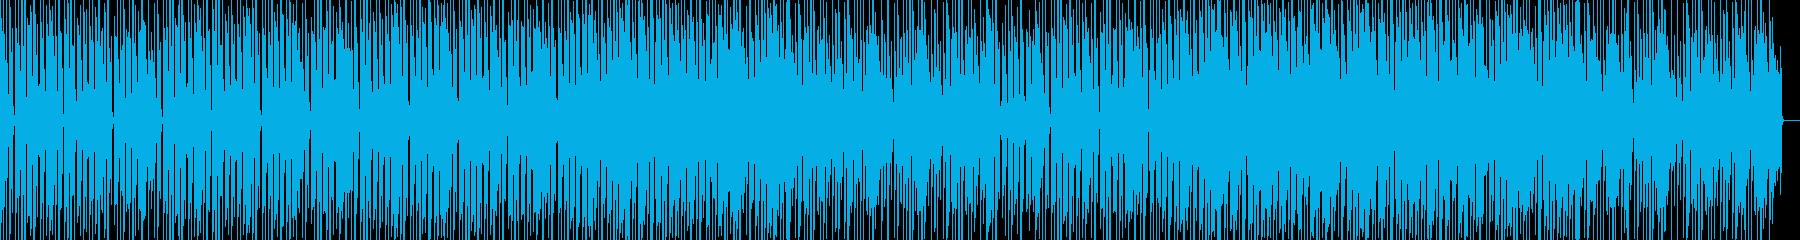 ムーディーなシンセとドライビングド...の再生済みの波形